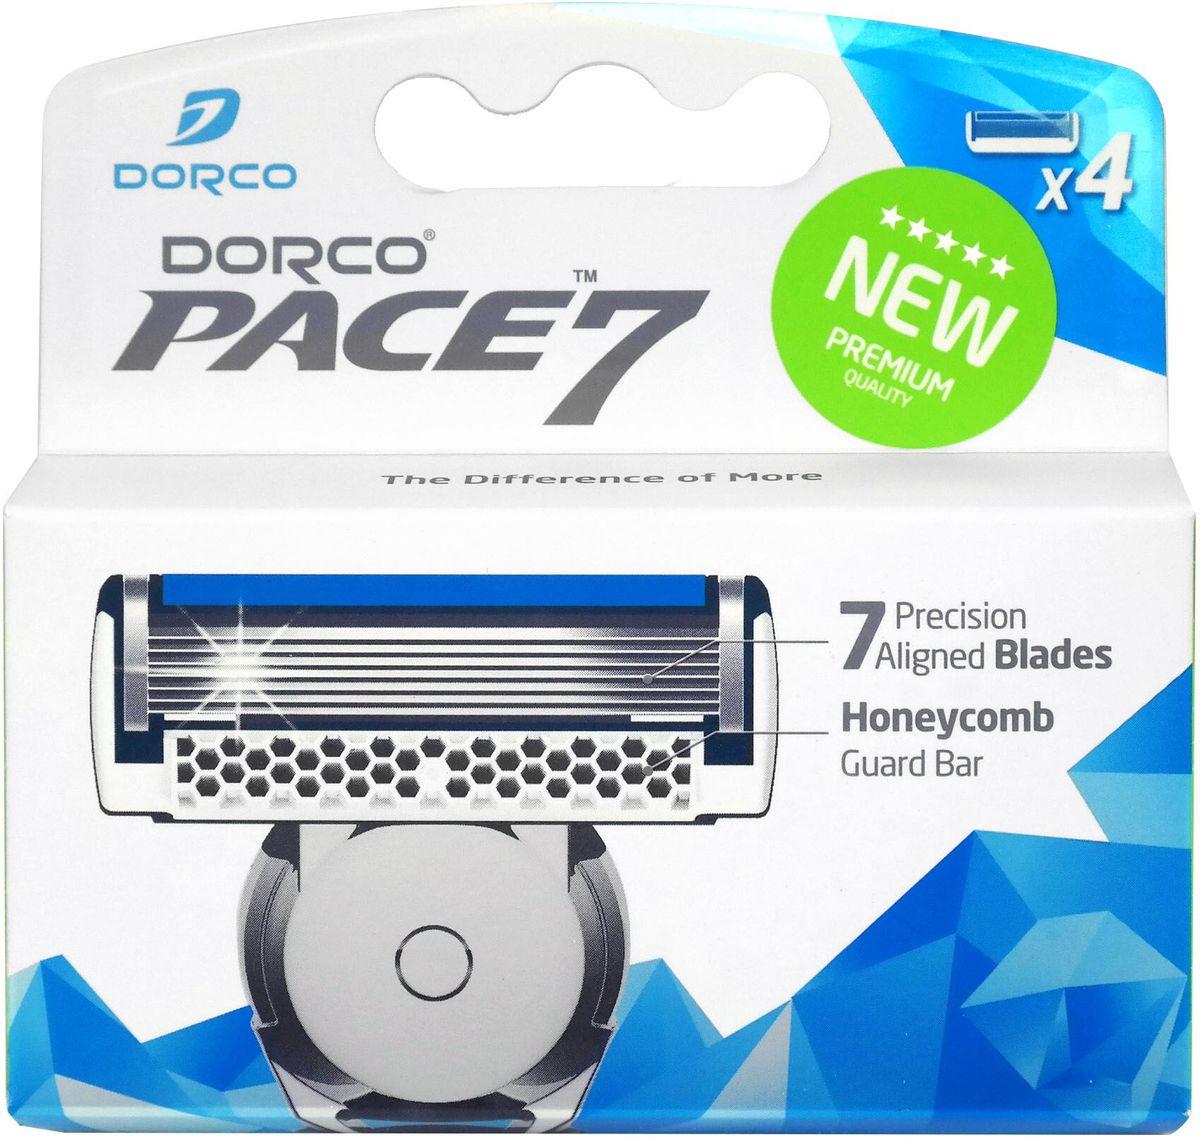 Dorco Kассеты для бритья  Pace 7 , 4 шт. - Женские средства для депиляции и бритья